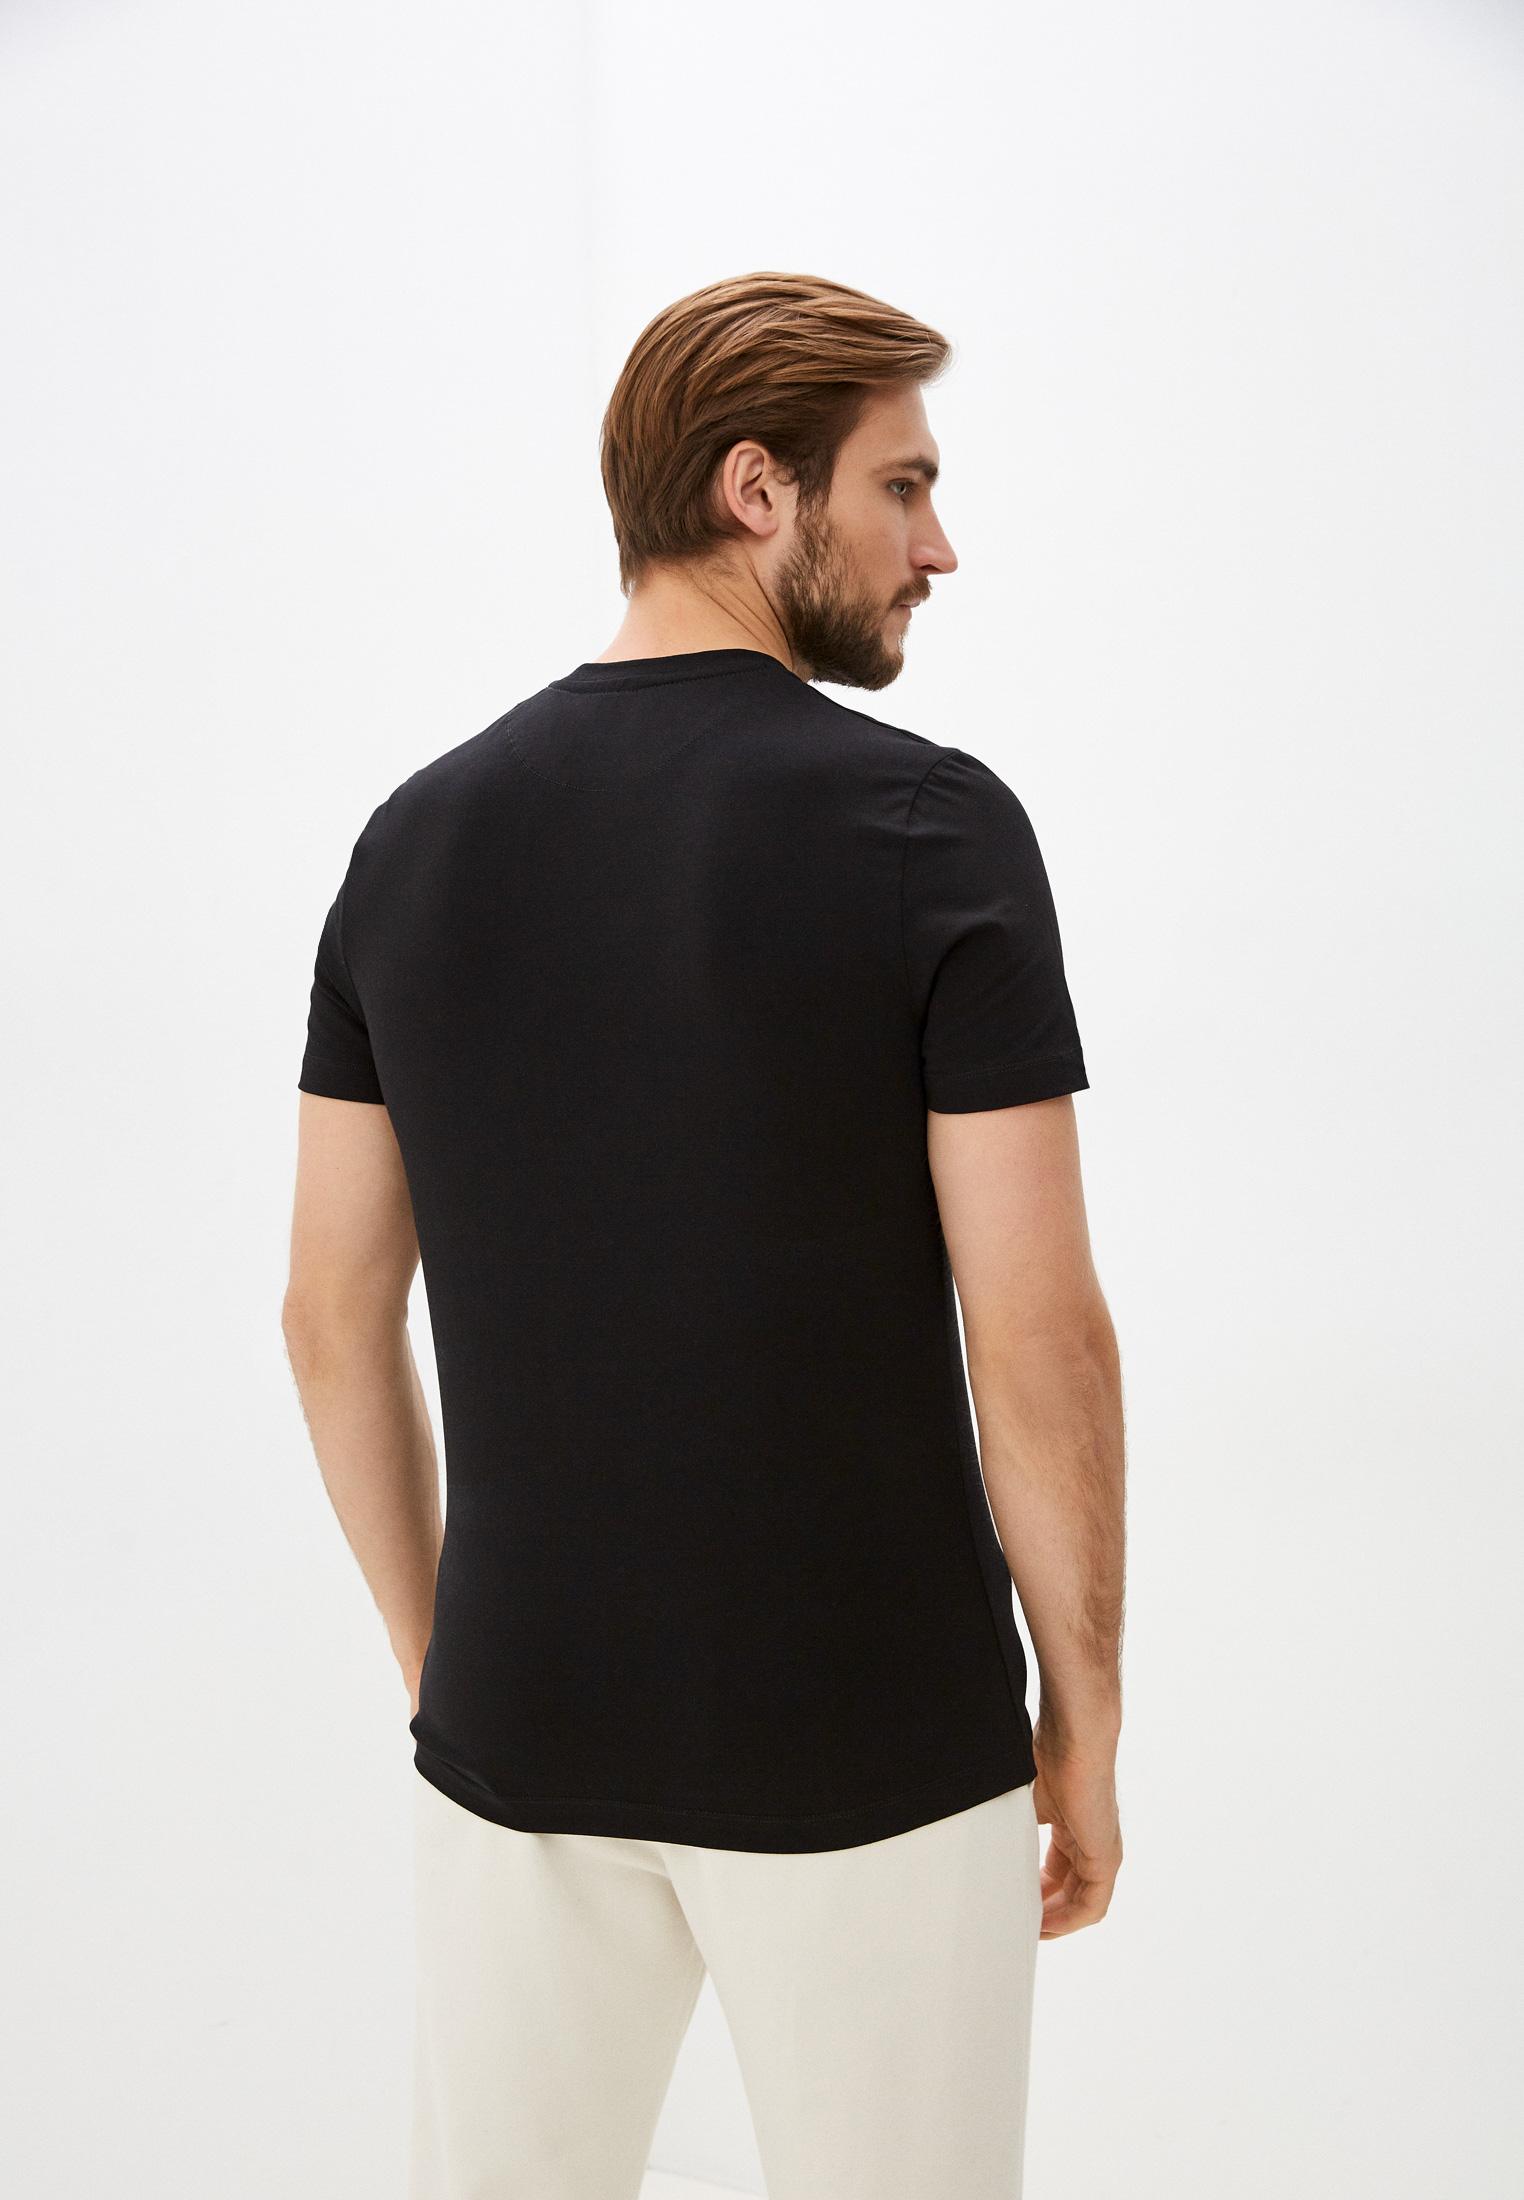 Мужская футболка Bikkembergs (Биккембергс) C 4 101 47 E 2296: изображение 4